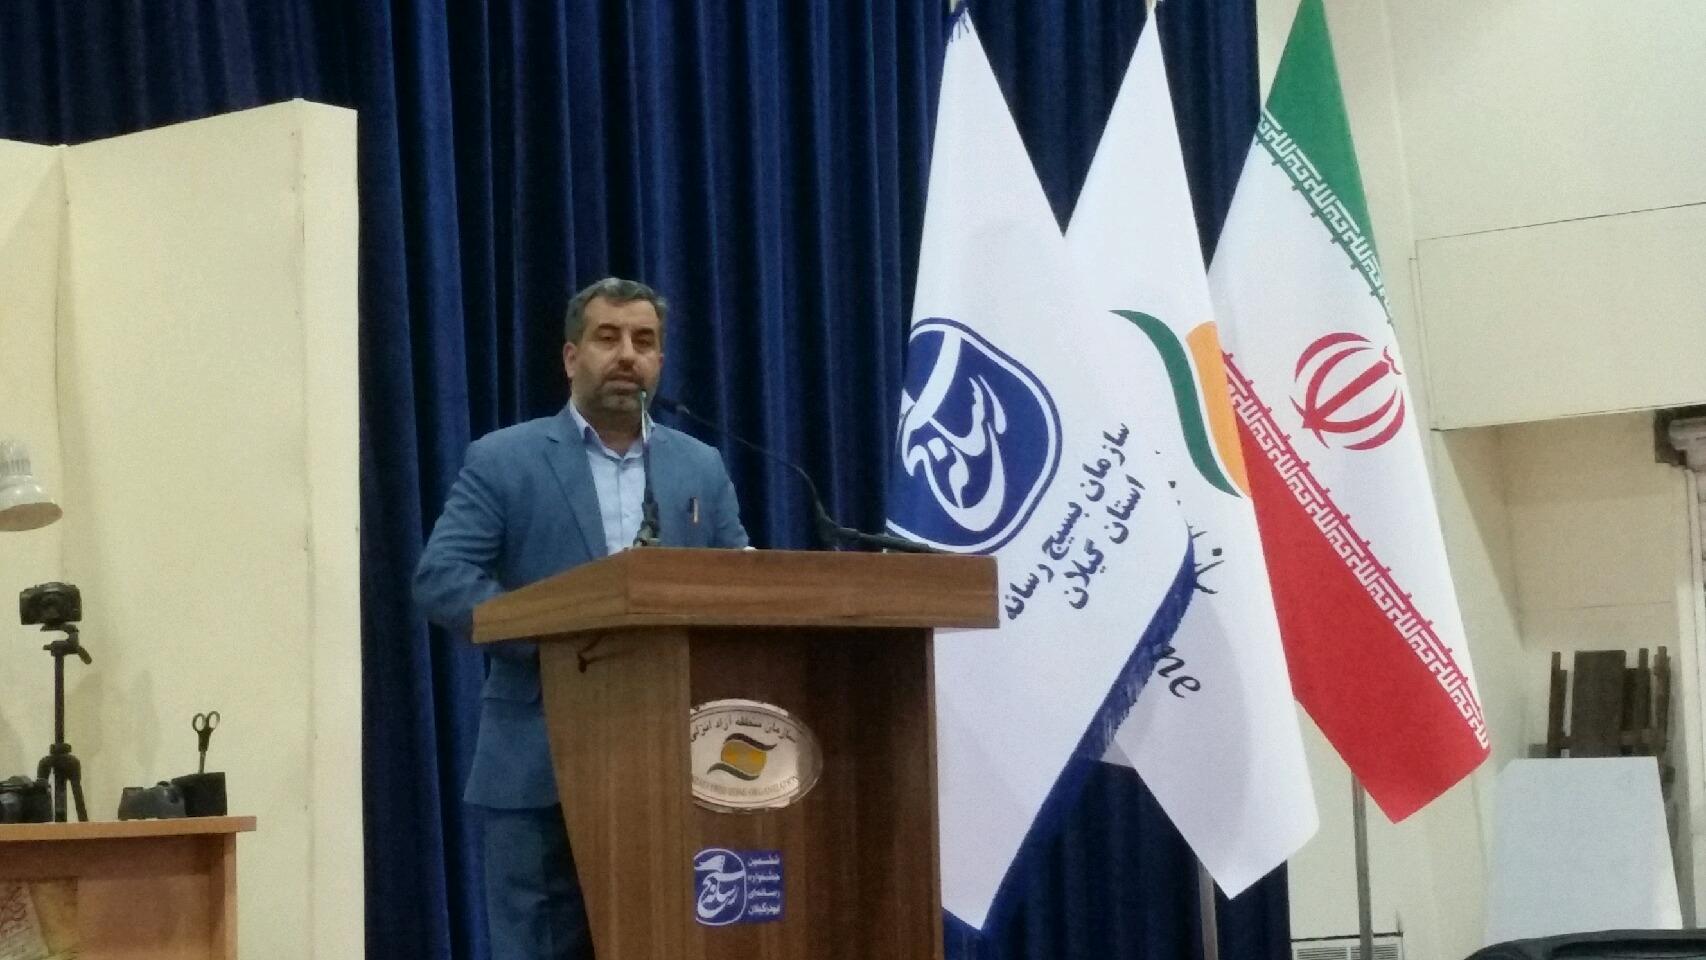 ششمین جشنواره رسانه ای ابوذر به کار خود پایان داد.